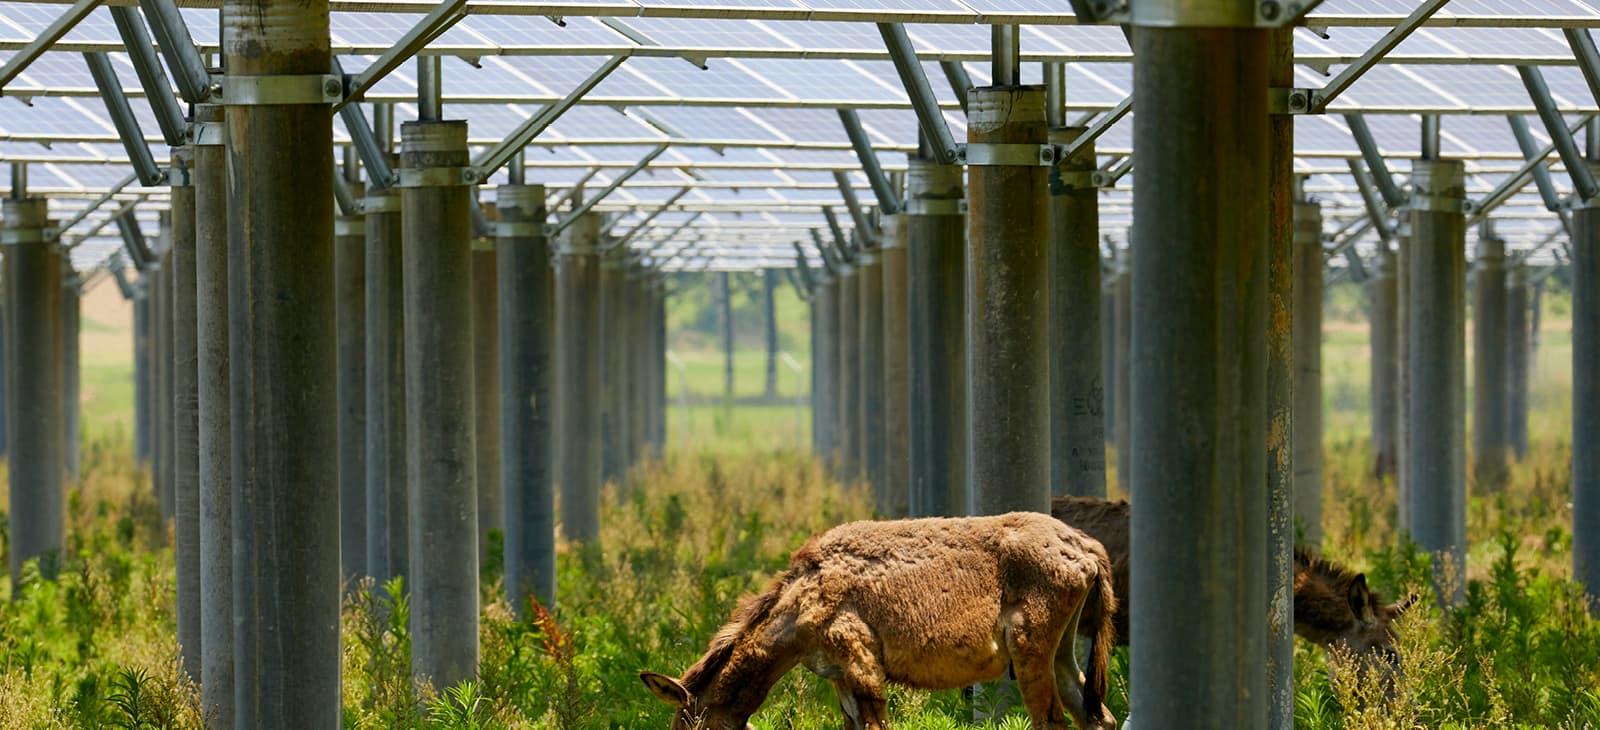 Eine Kuh zwischen Sonnenkollektoren